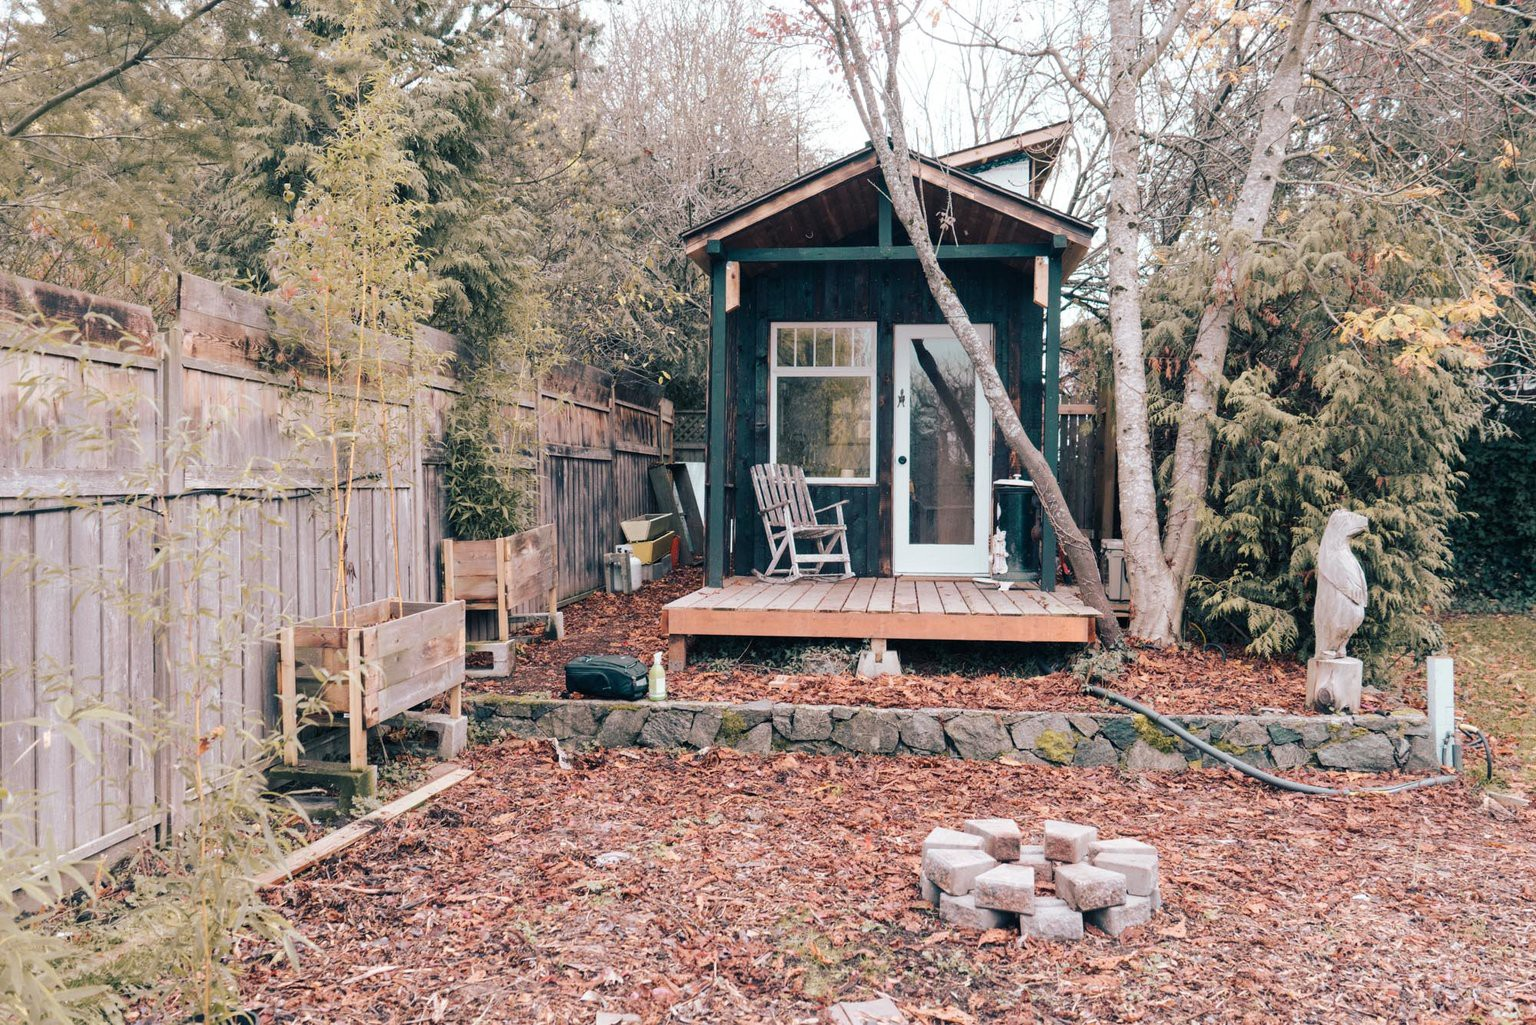 Tham quan ngôi nhà chưa tới 10m2 của một nhiếp ảnh gia Canada, với triết lý sống không xanh và sạch - Ảnh 1.